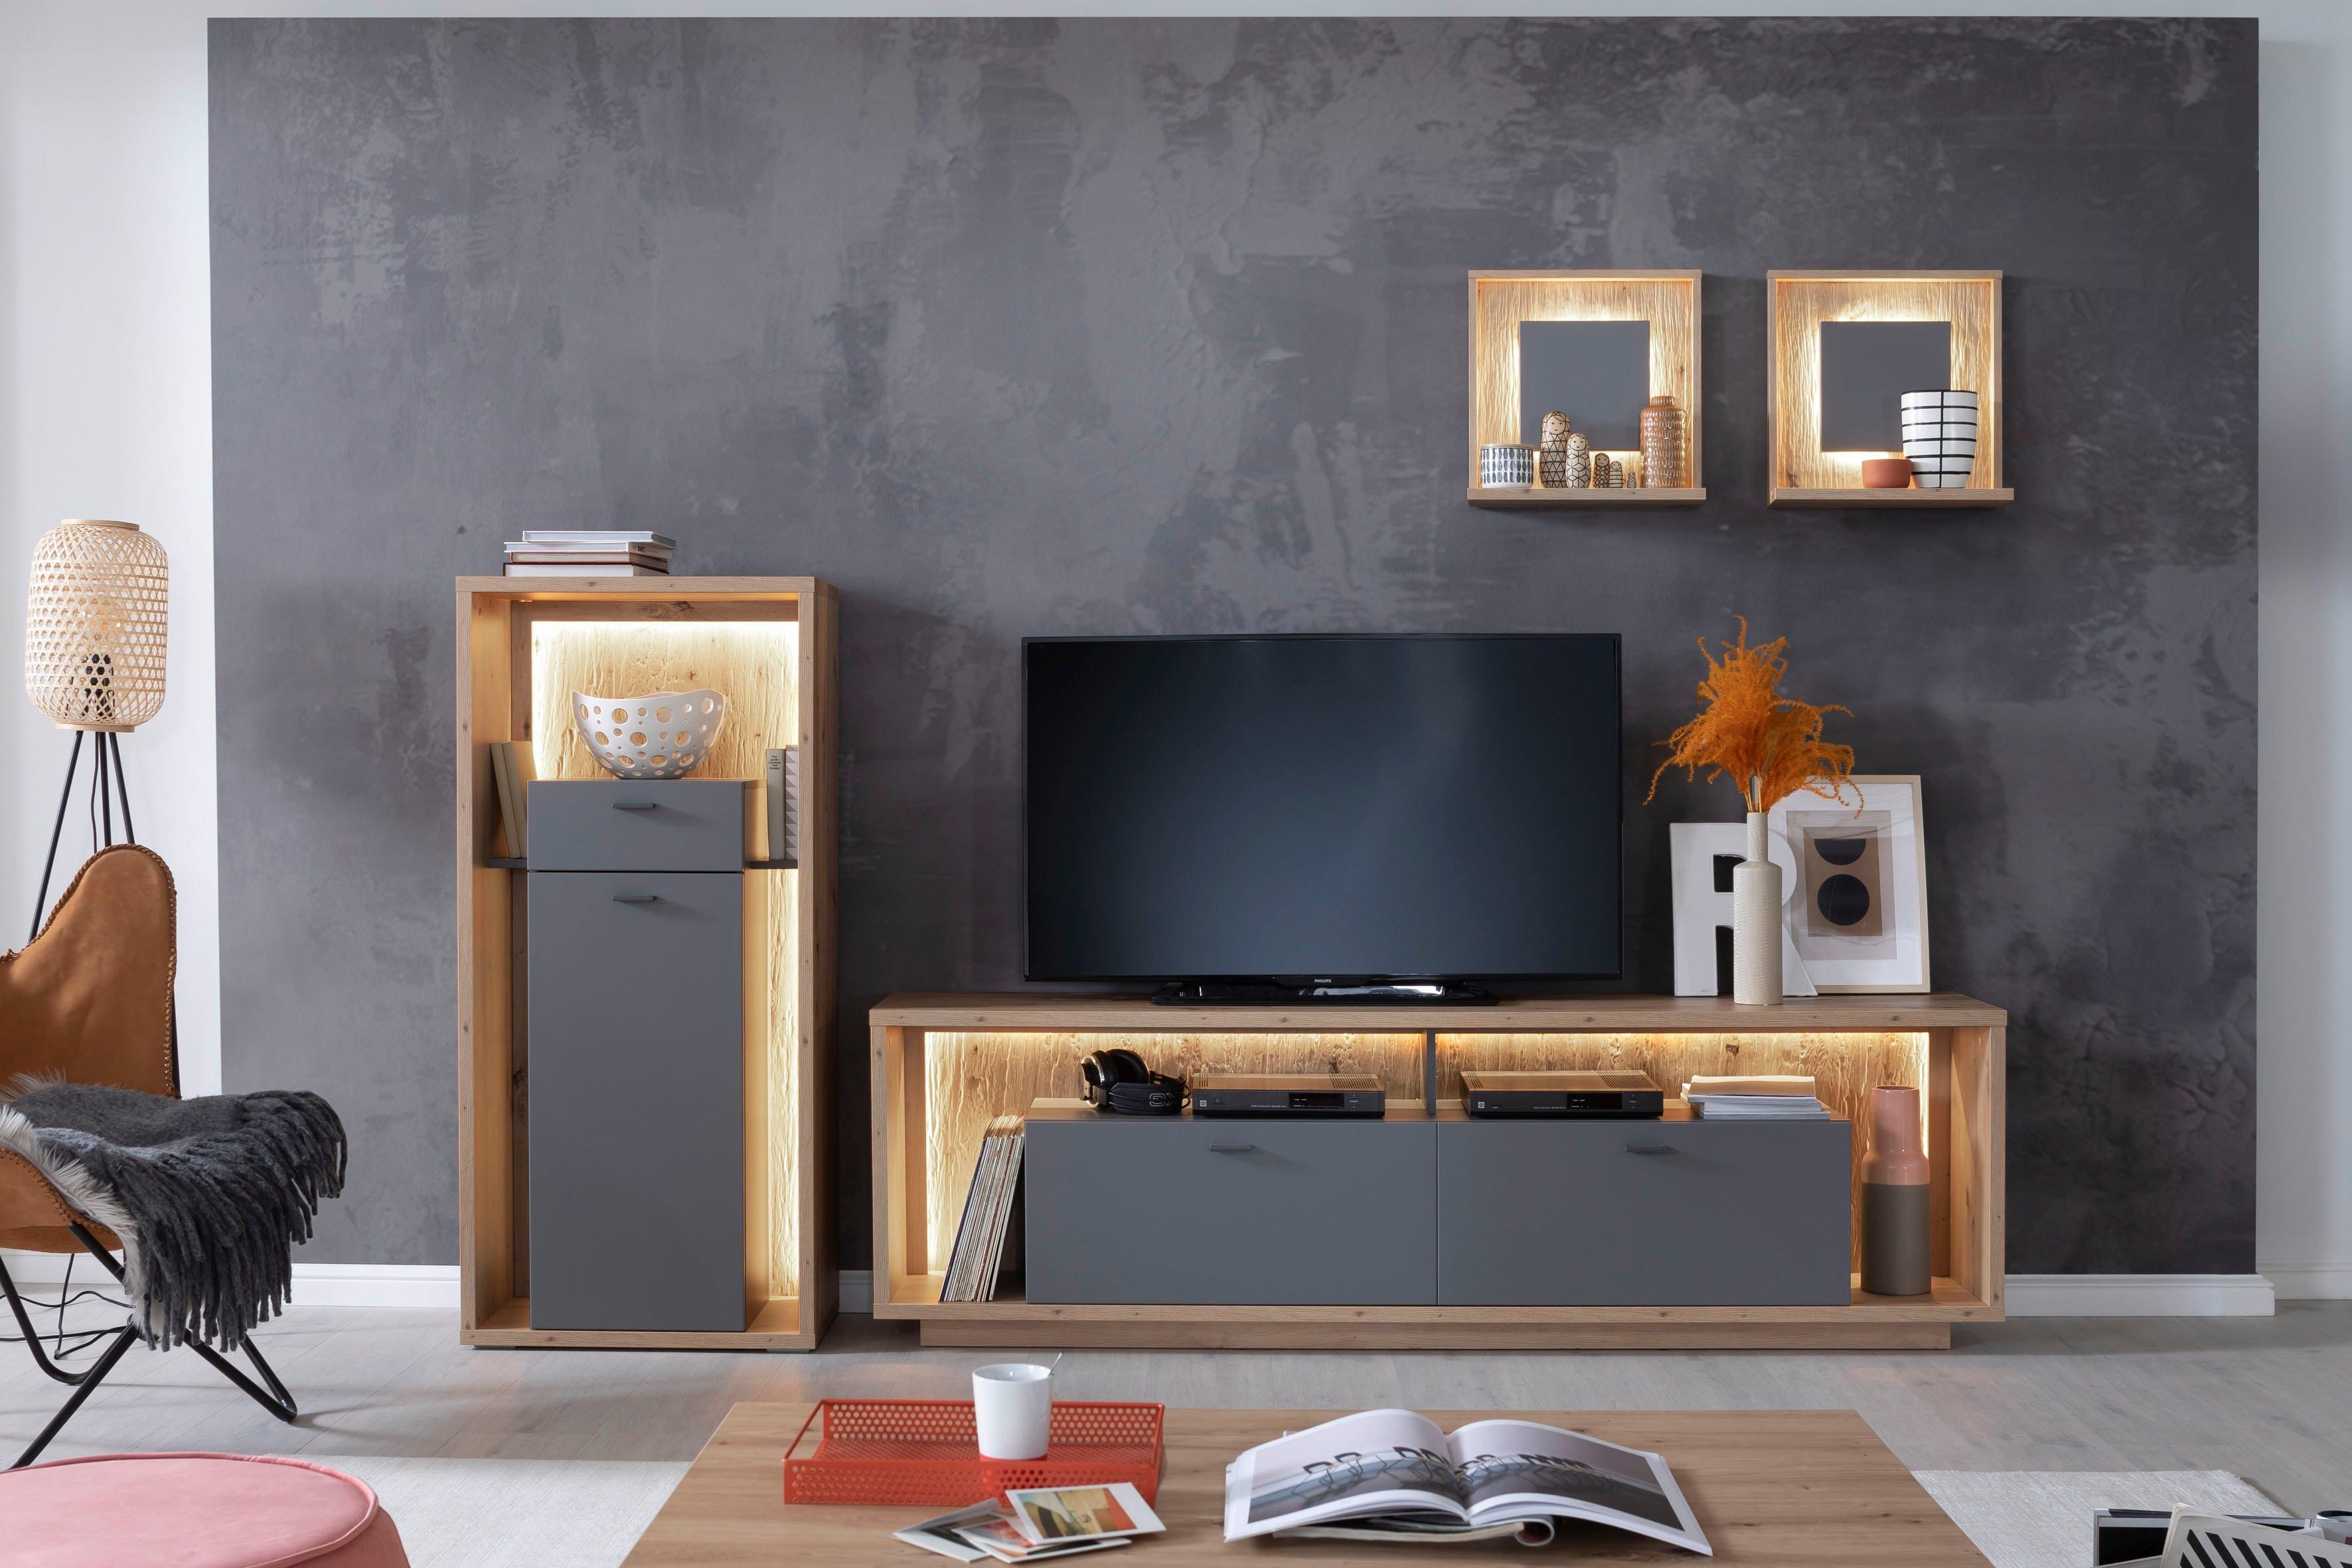 MCA furniture tv-meubel Lizzano moderne landelijke stijl, tv-meubel voor tv tot 80 inch met 3-d achterwand, naar keuze met verlichting voordelig en veilig online kopen